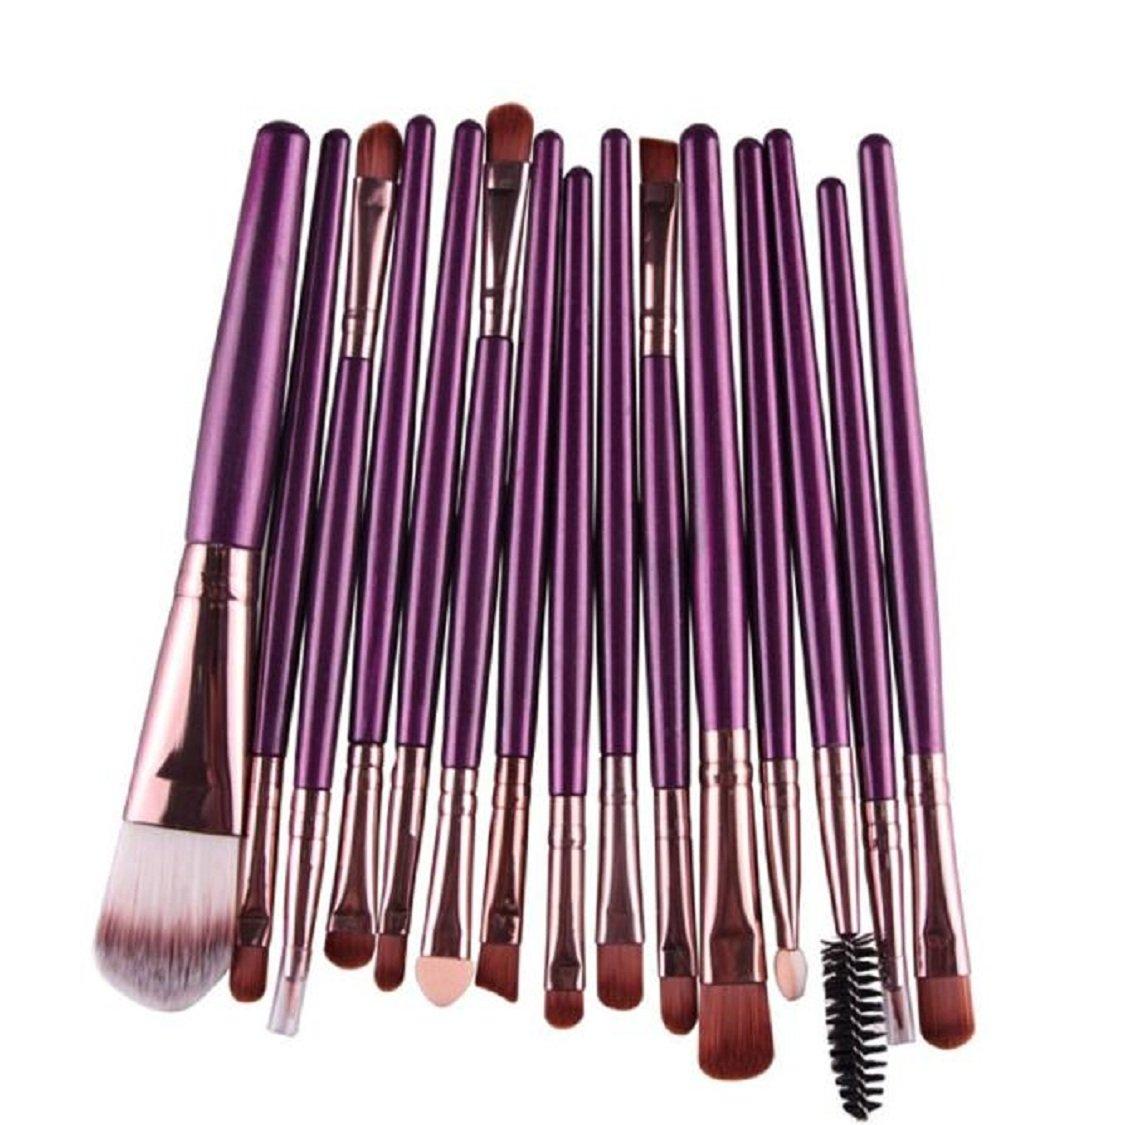 Ikevan® 15pcs Makeup Brush Set tools Make-up Toiletry Kit Wool Make Up Brush Set (Style 01)